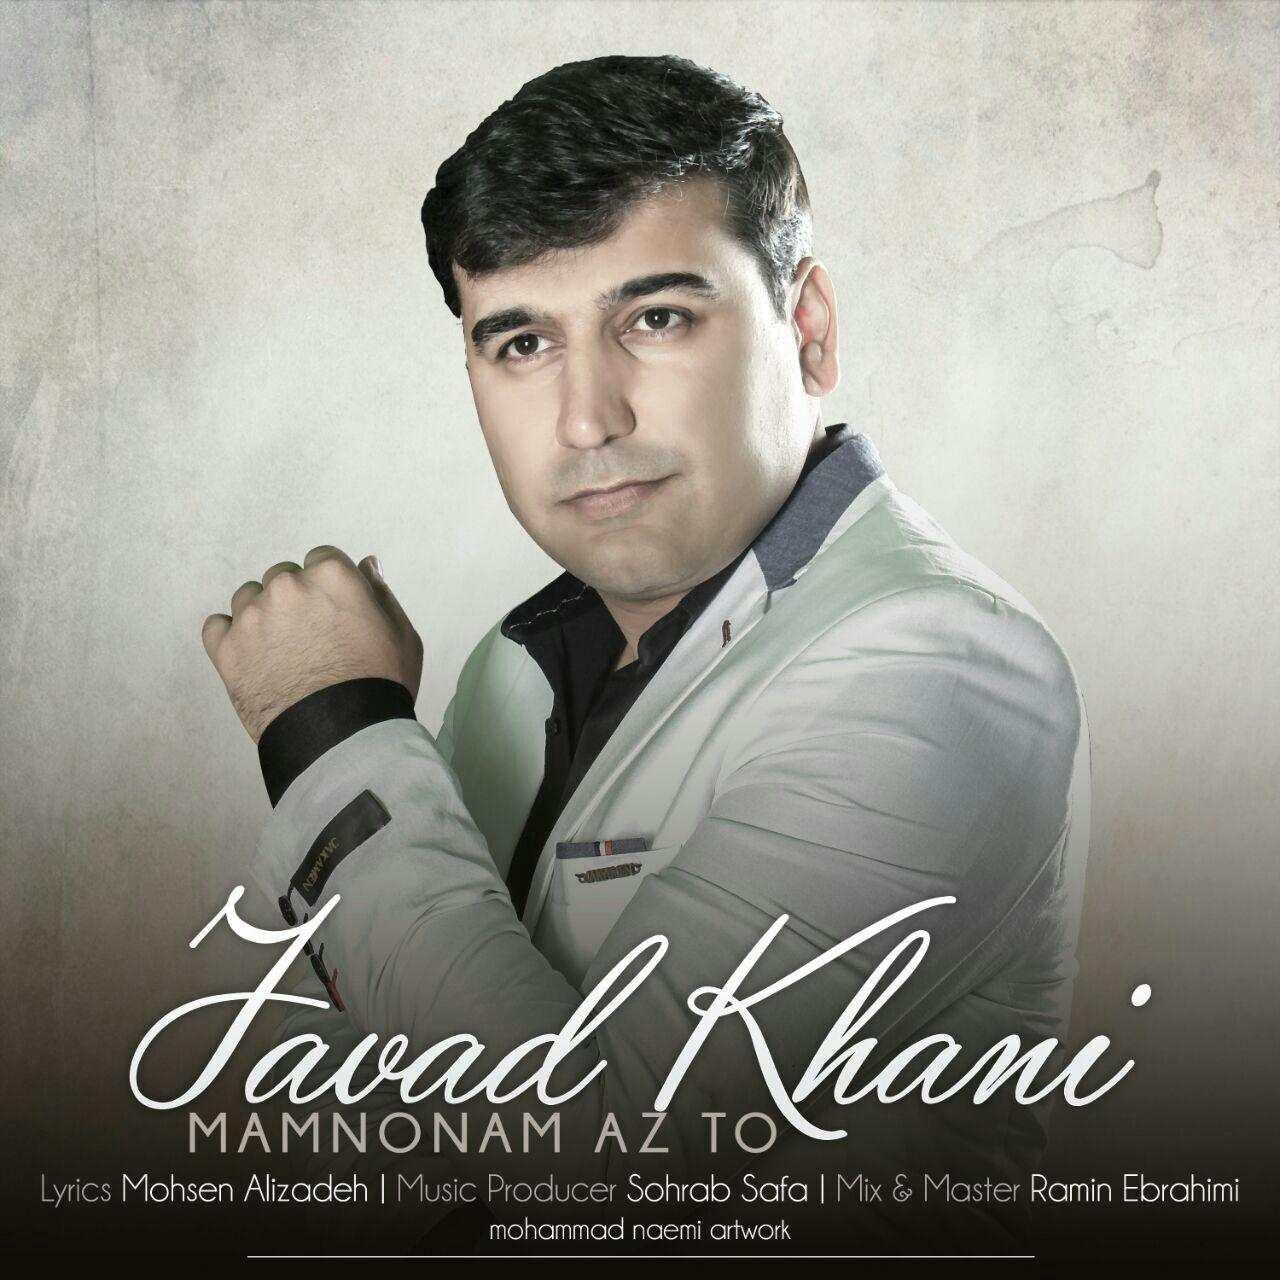 نامبر وان موزیک | دانلود آهنگ جدید Javad-Khami-Mamnonam-Az-To